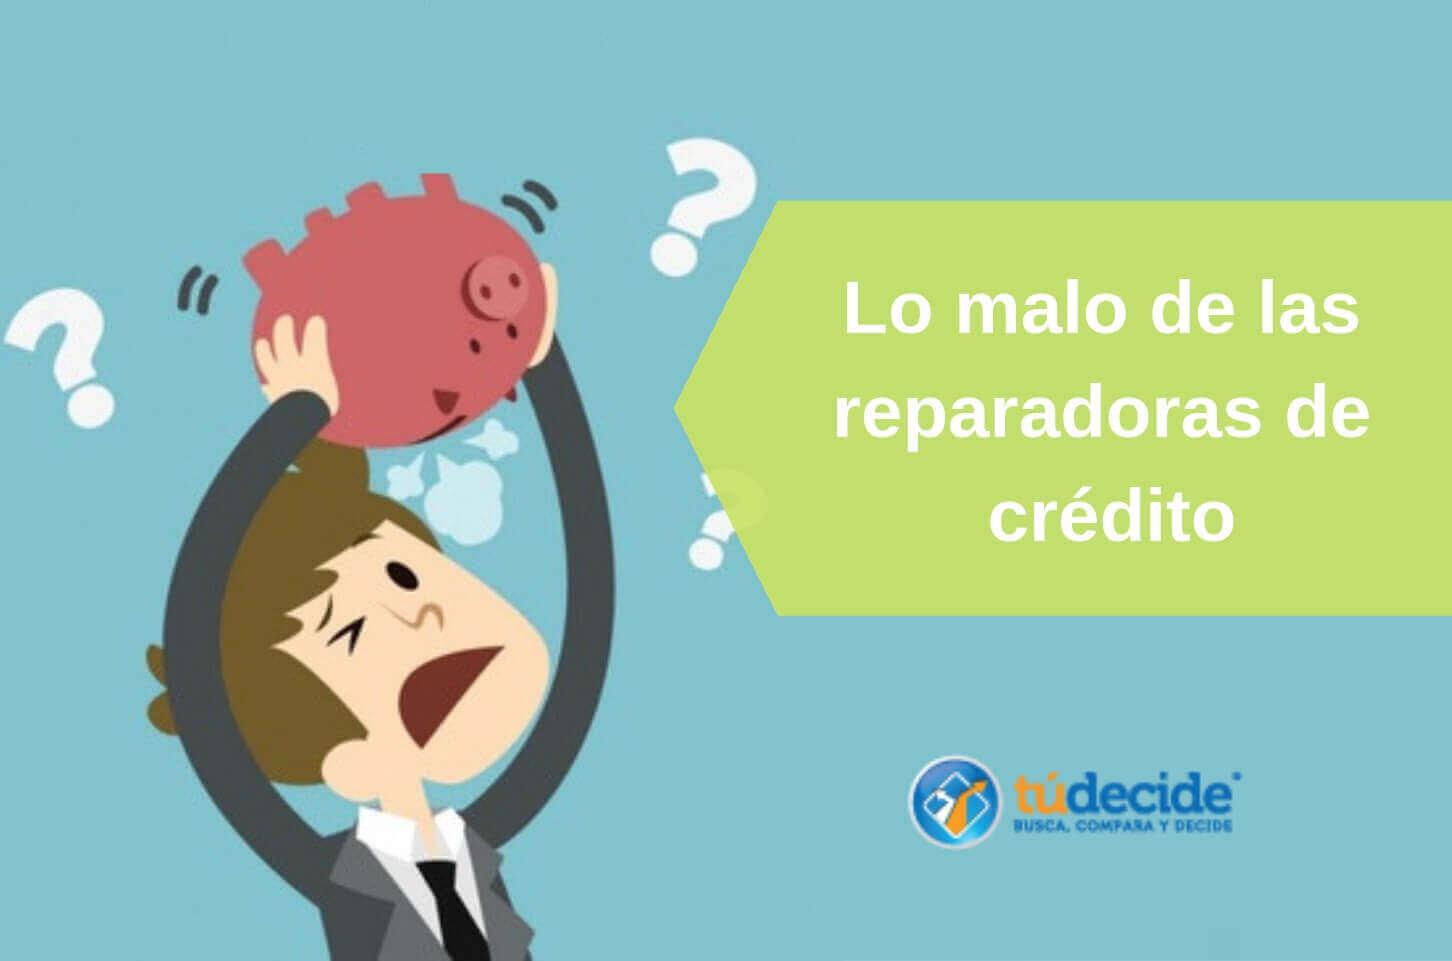 Lo malo de las reparadoras de crédito